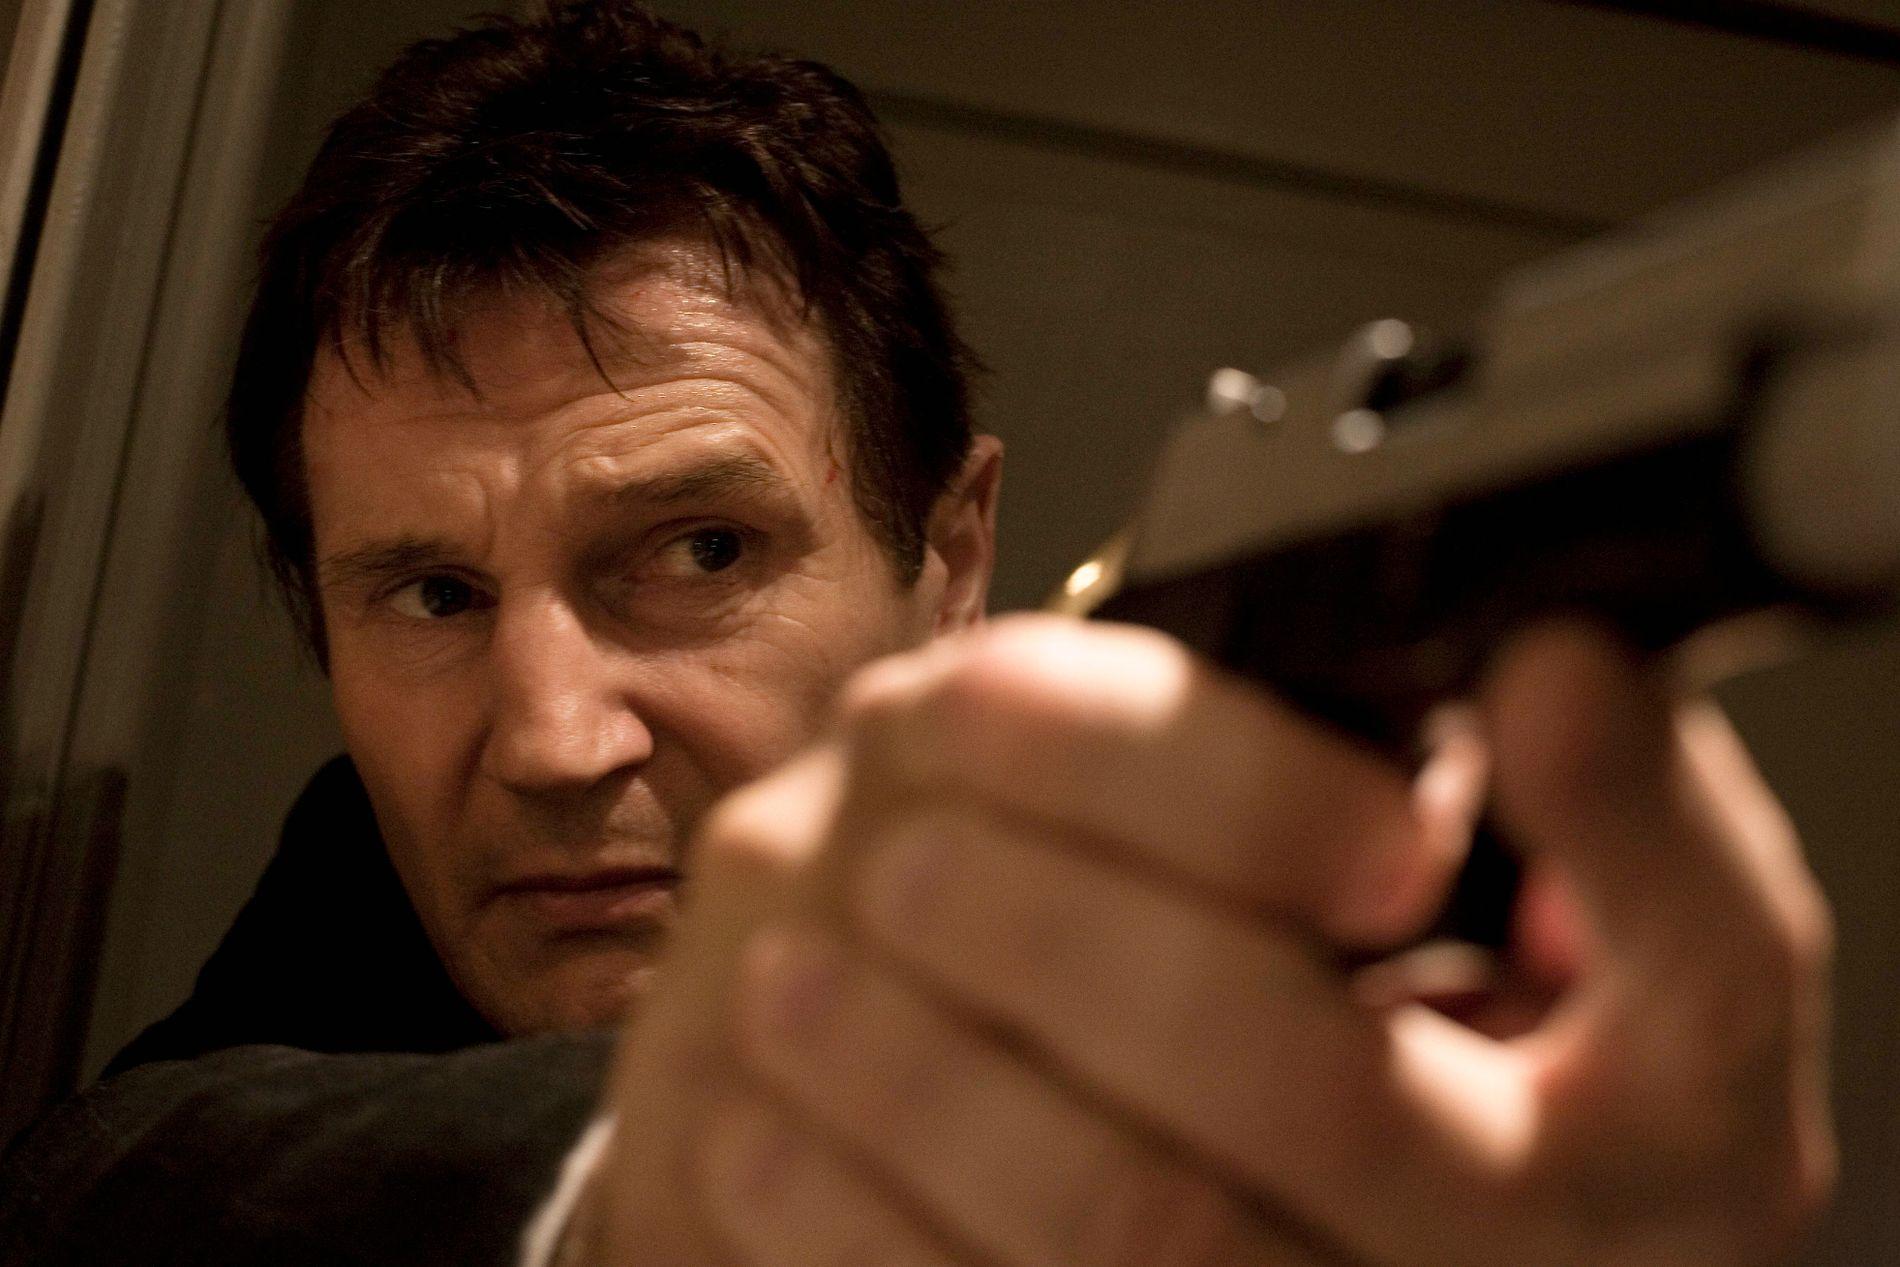 FÅR KRITIKK: Liam Neeson, aktuell med filmen «Cold Pursuit», er i hardt vær etter sine uttalelser til Independent. Nå beskyldes han for å være rasist.